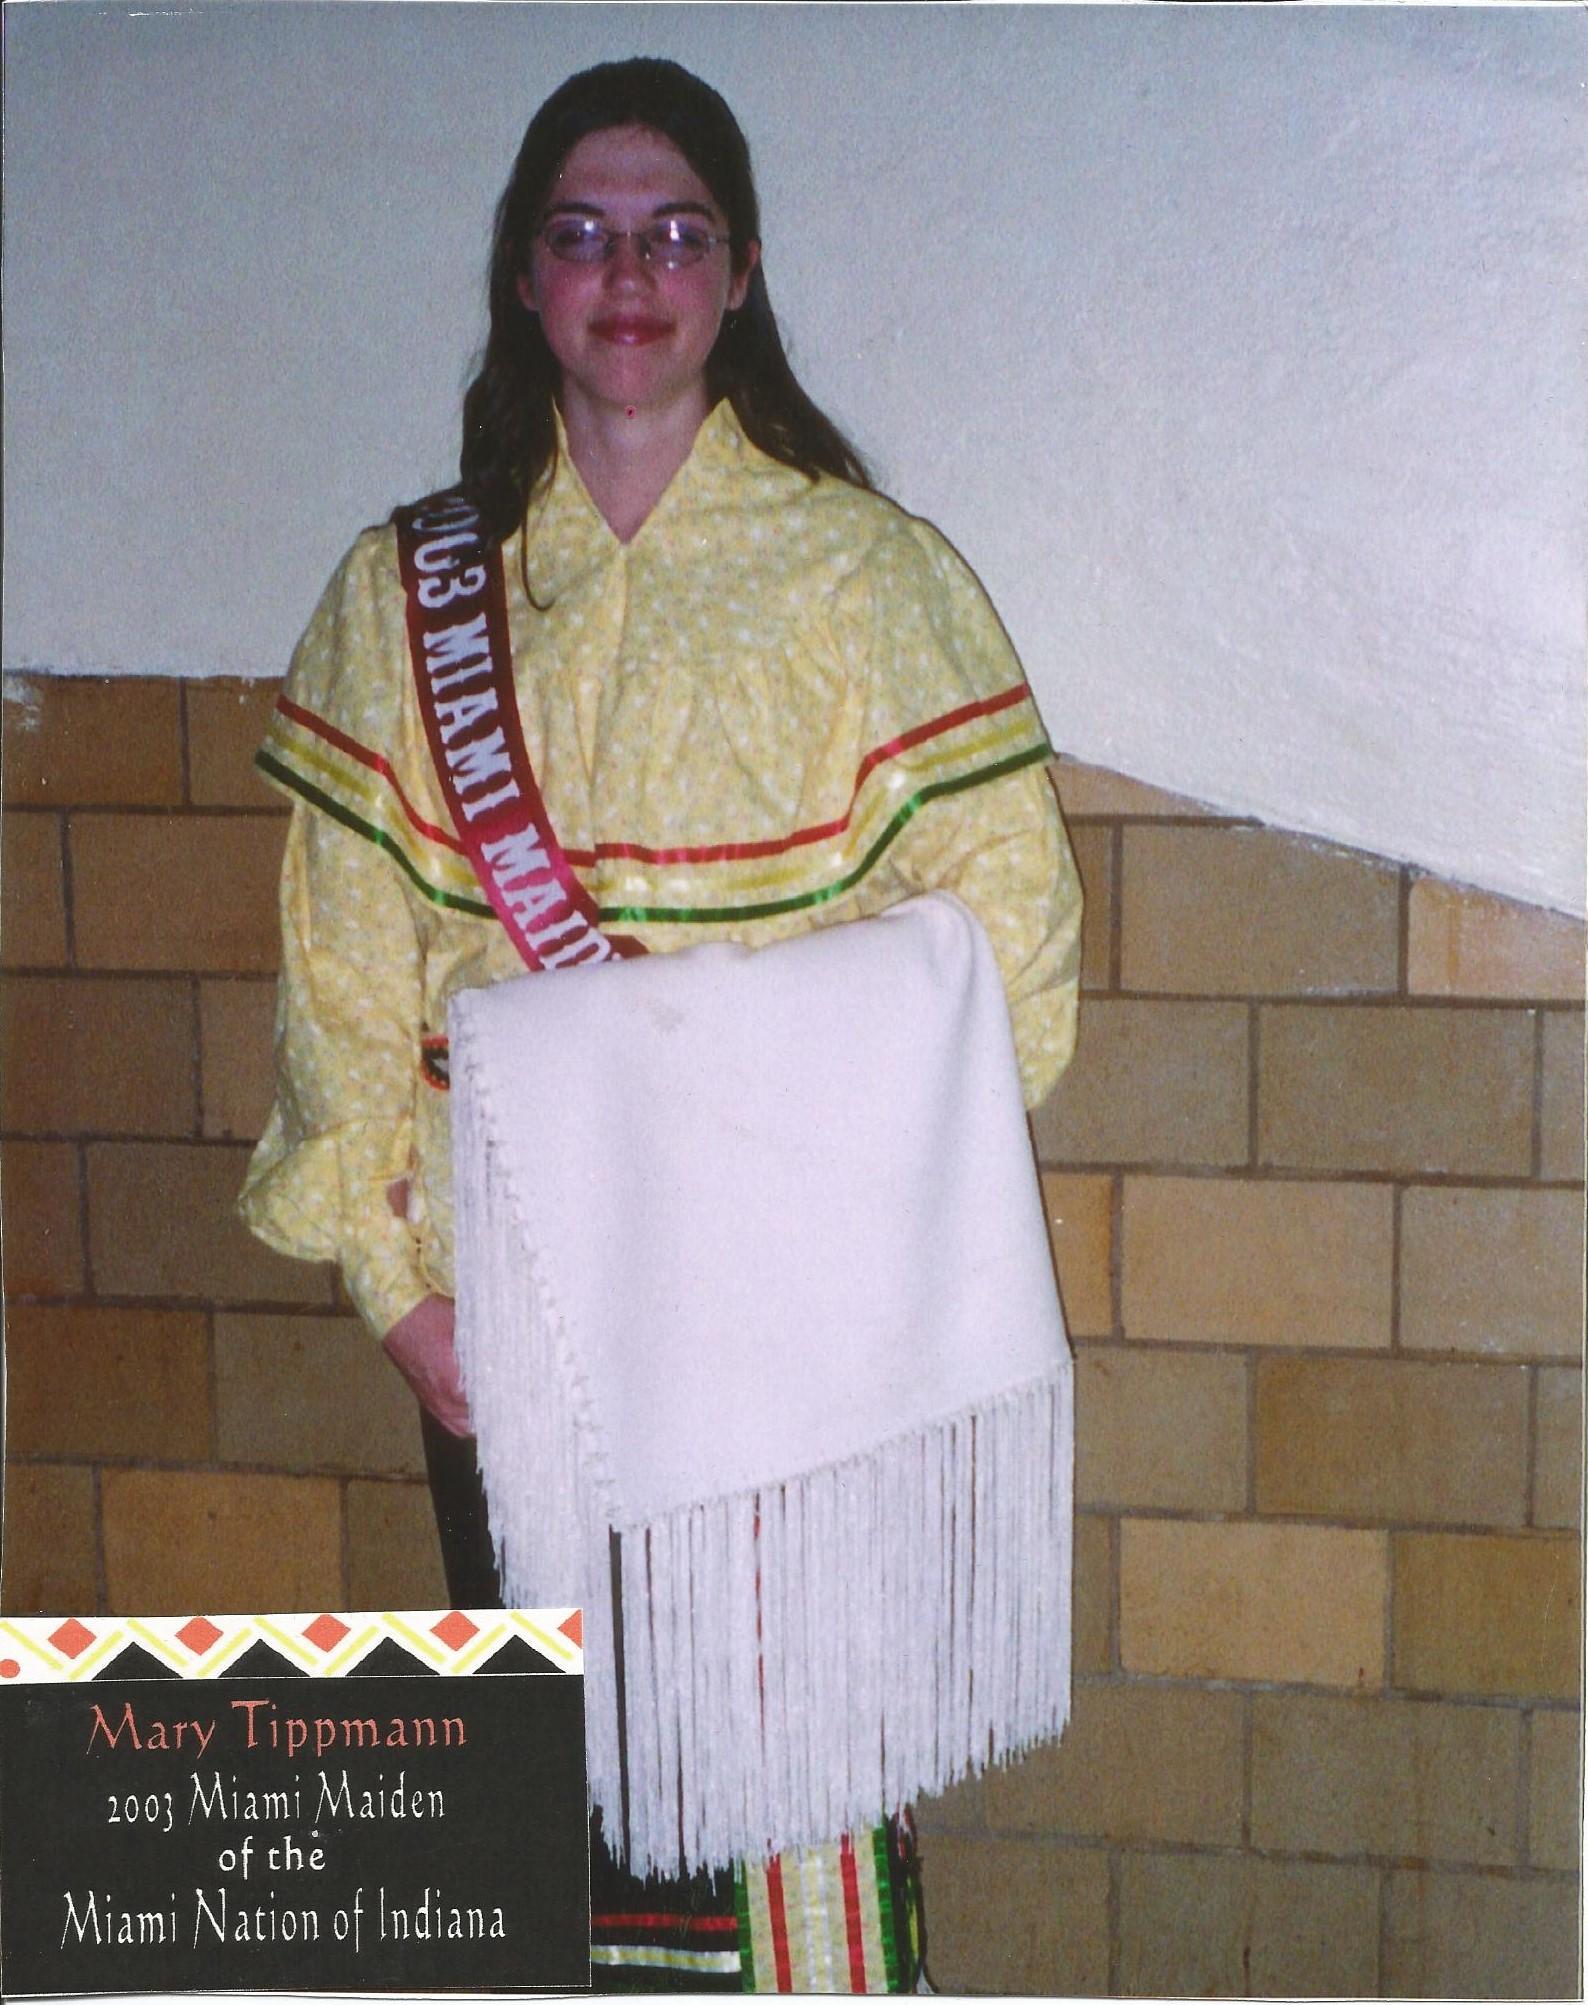 Miss Mary Tippman - Miss Miami Maiden 2003